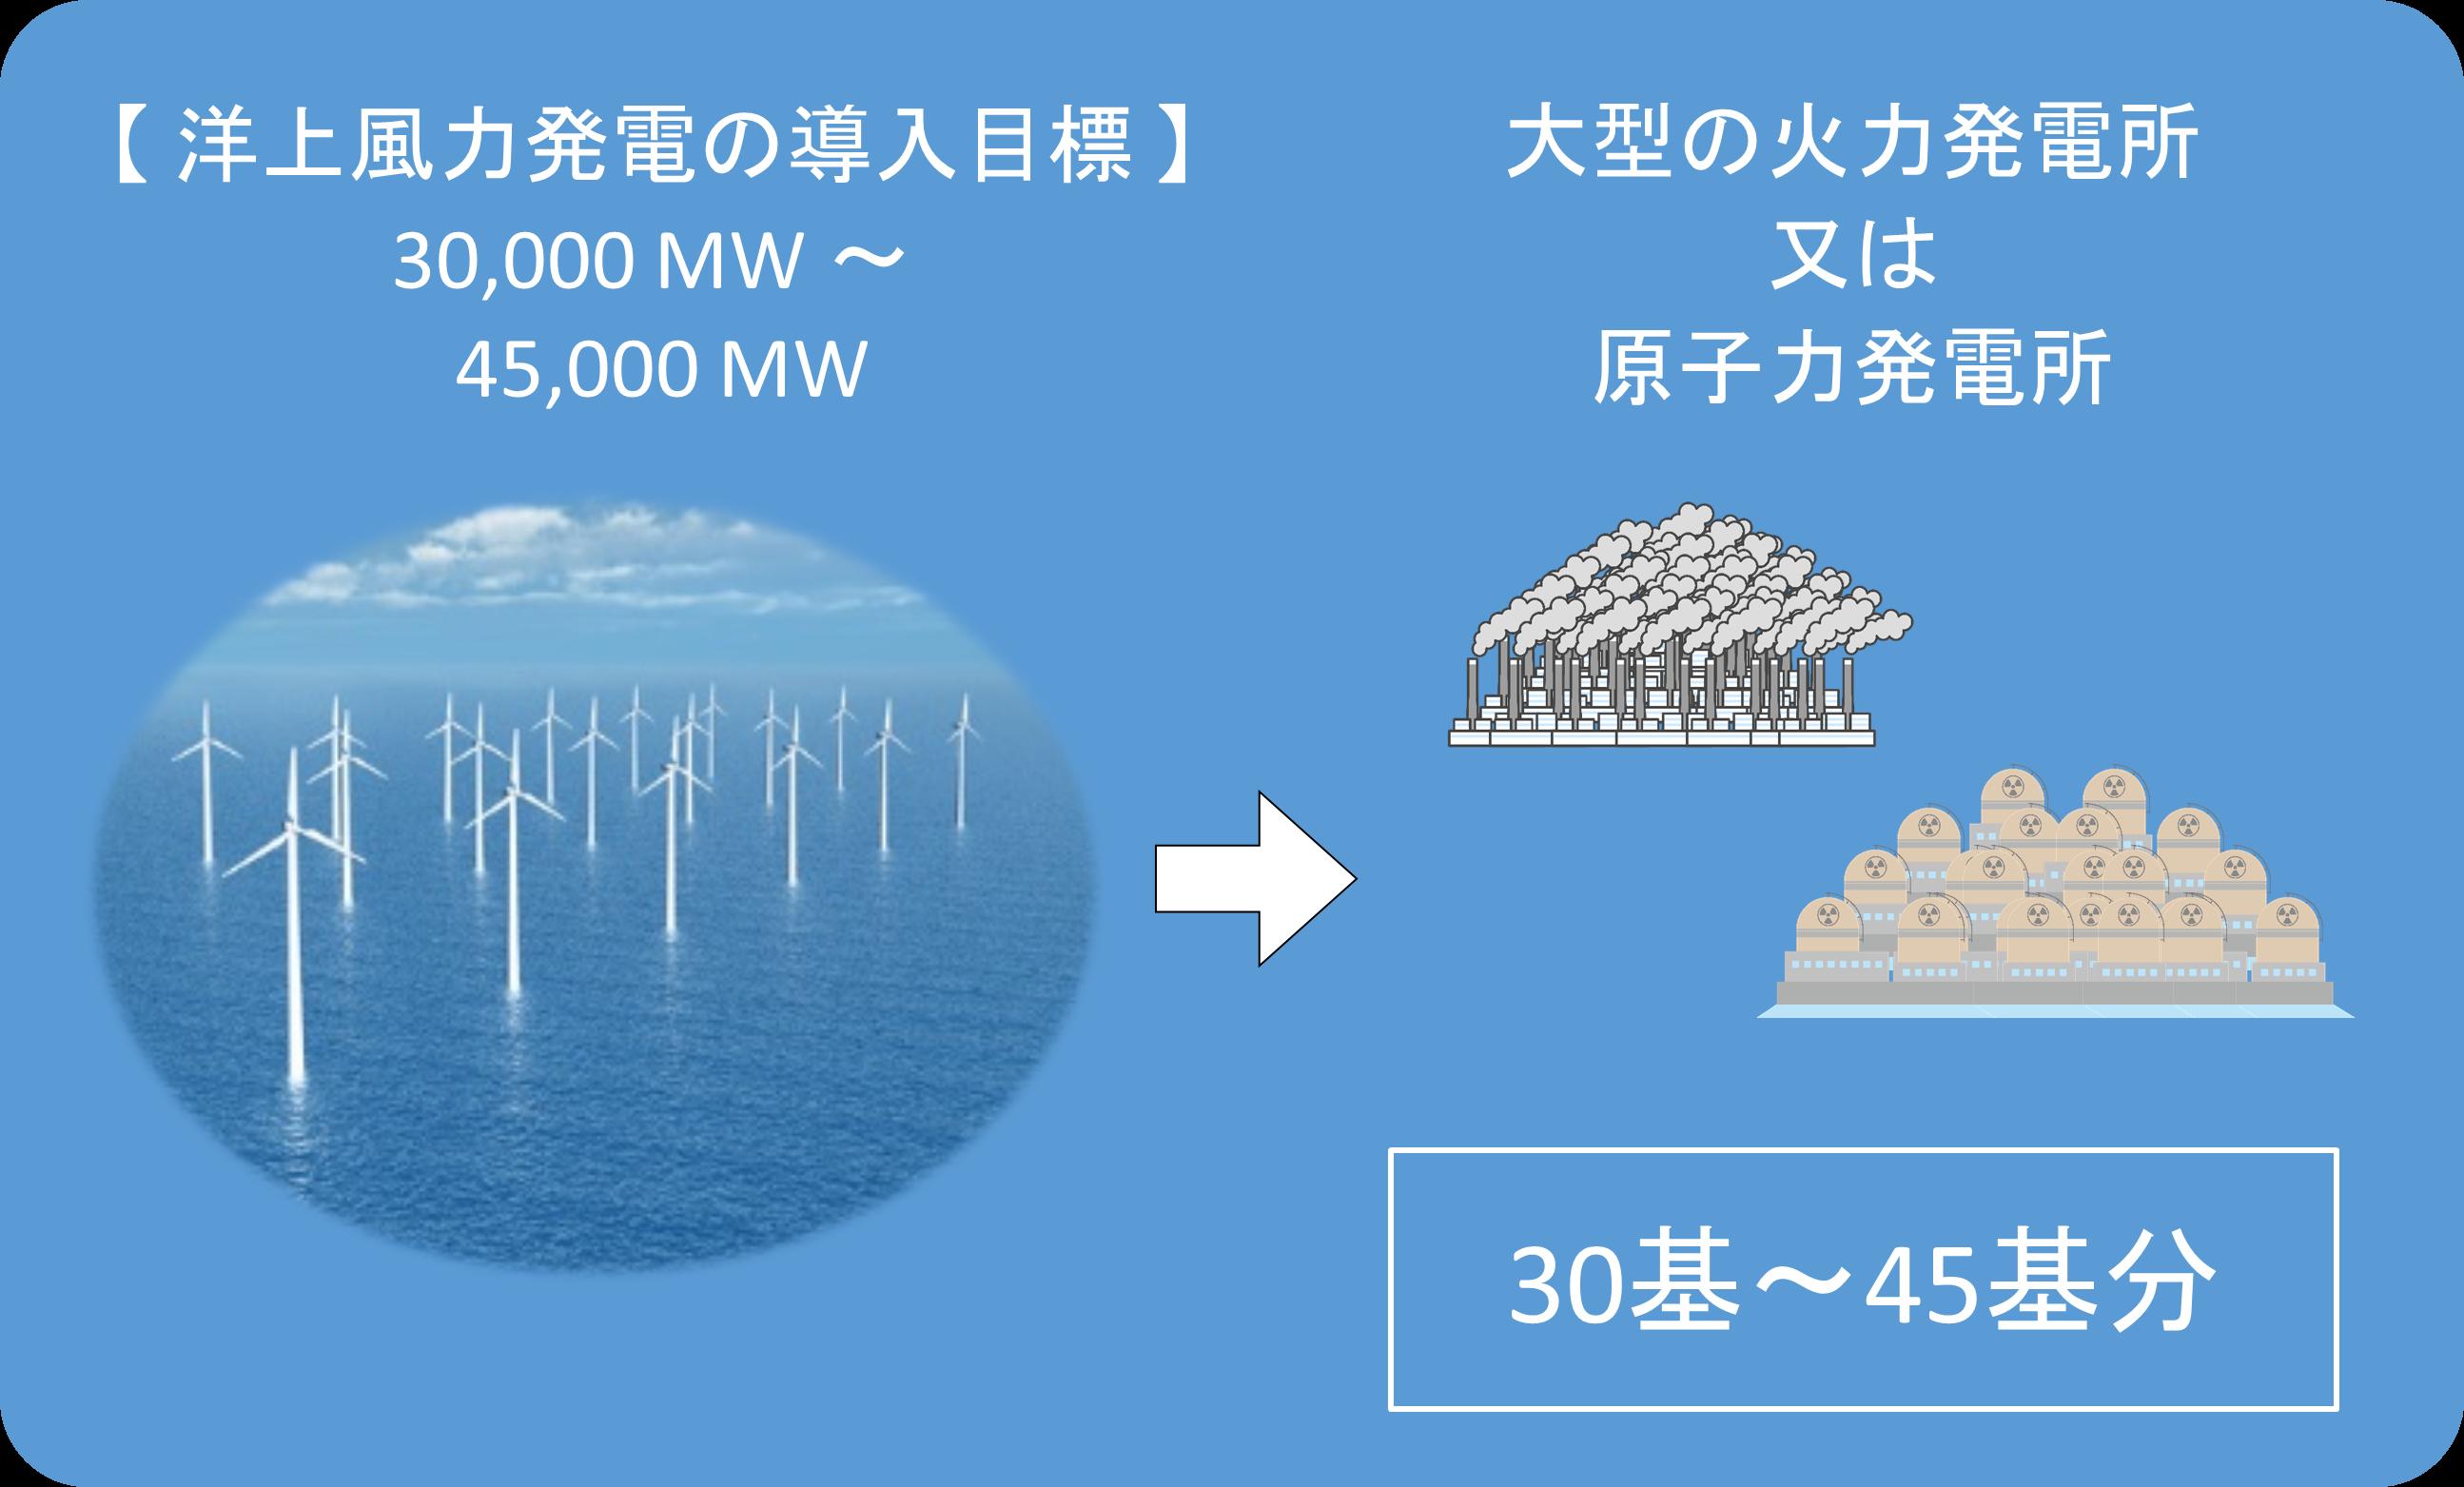 洋上風力発電拡大へ-05